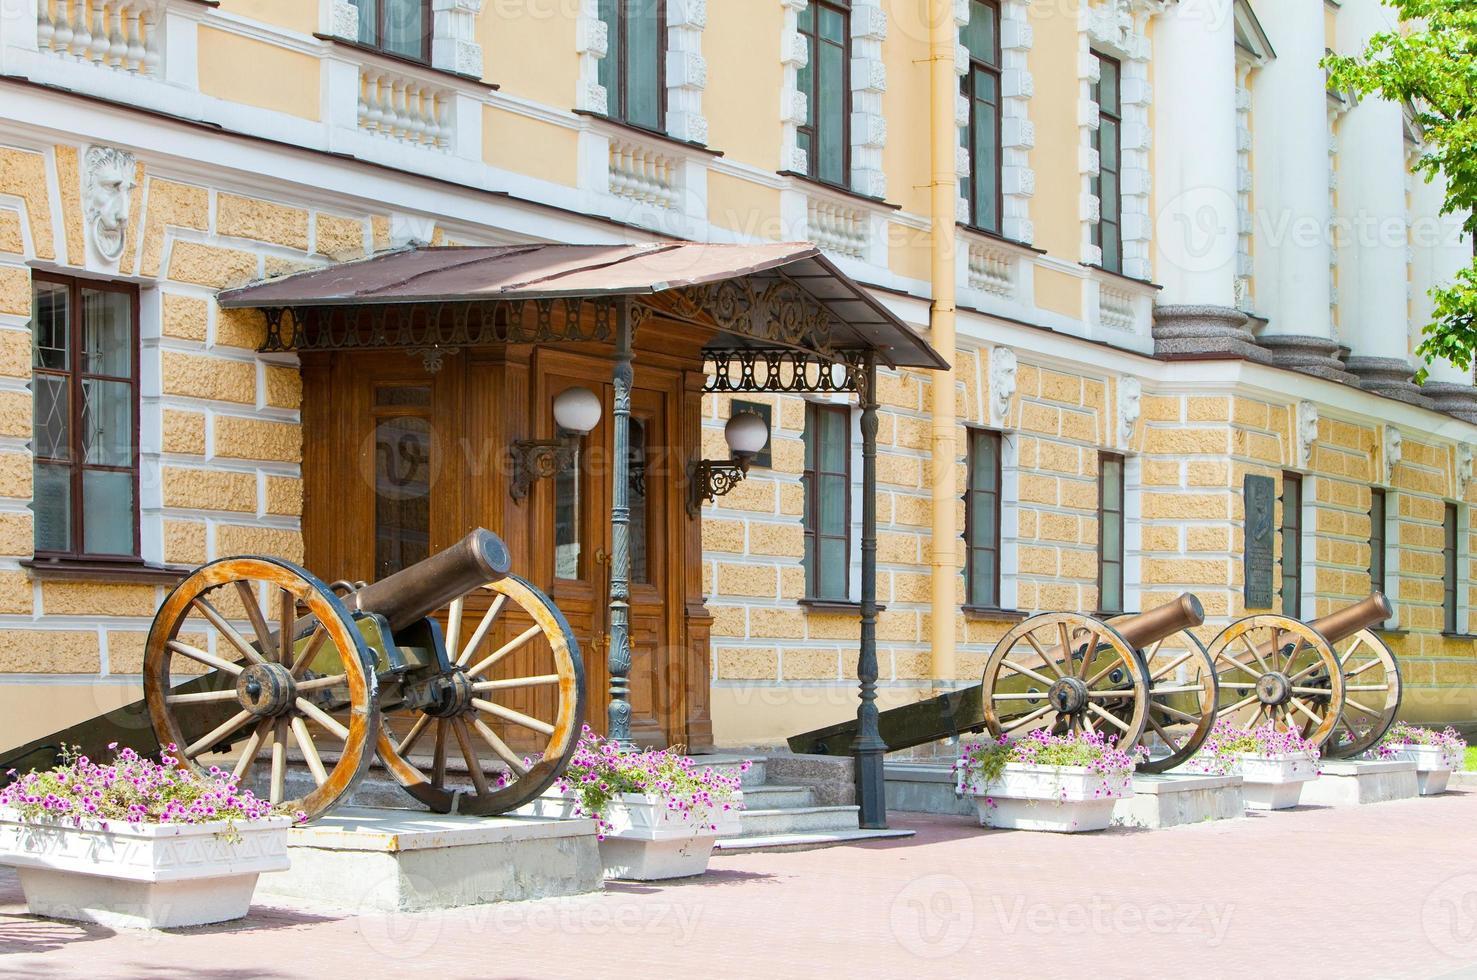 collegio militare Konstantinovsky (l'artiglieria superiore) dal 1857. San Pietroburgo. Russia foto